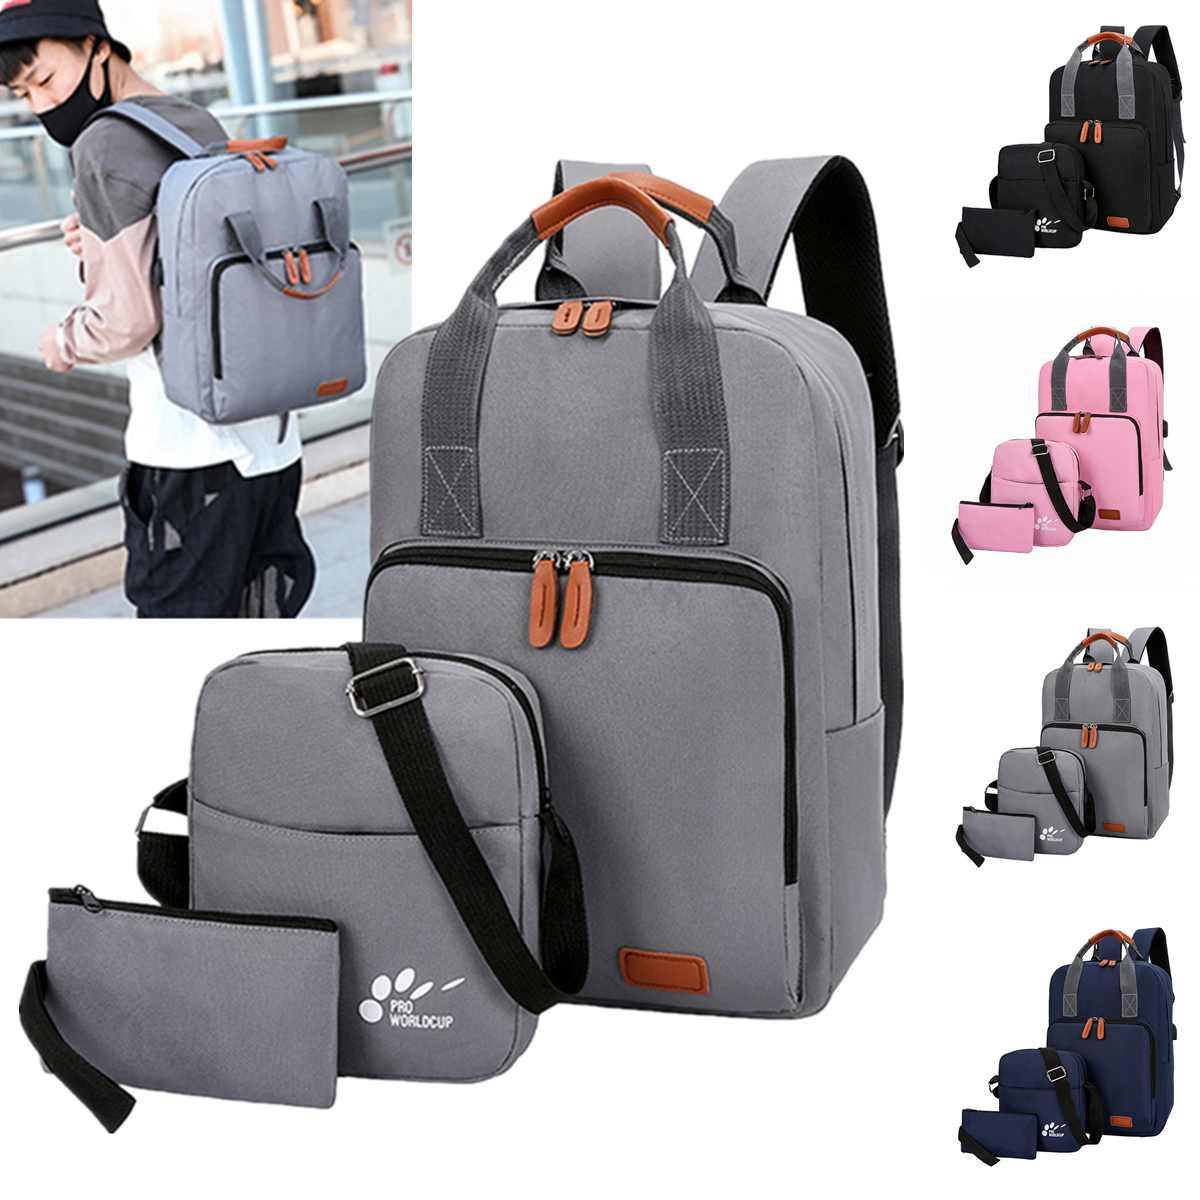 3 шт./компл. USB зарядка рюкзак Оксфорд школьный рюкзак для подростка Модная студенческая сумка на плечо сумка для ноутбука Повседневная дорожная сумка